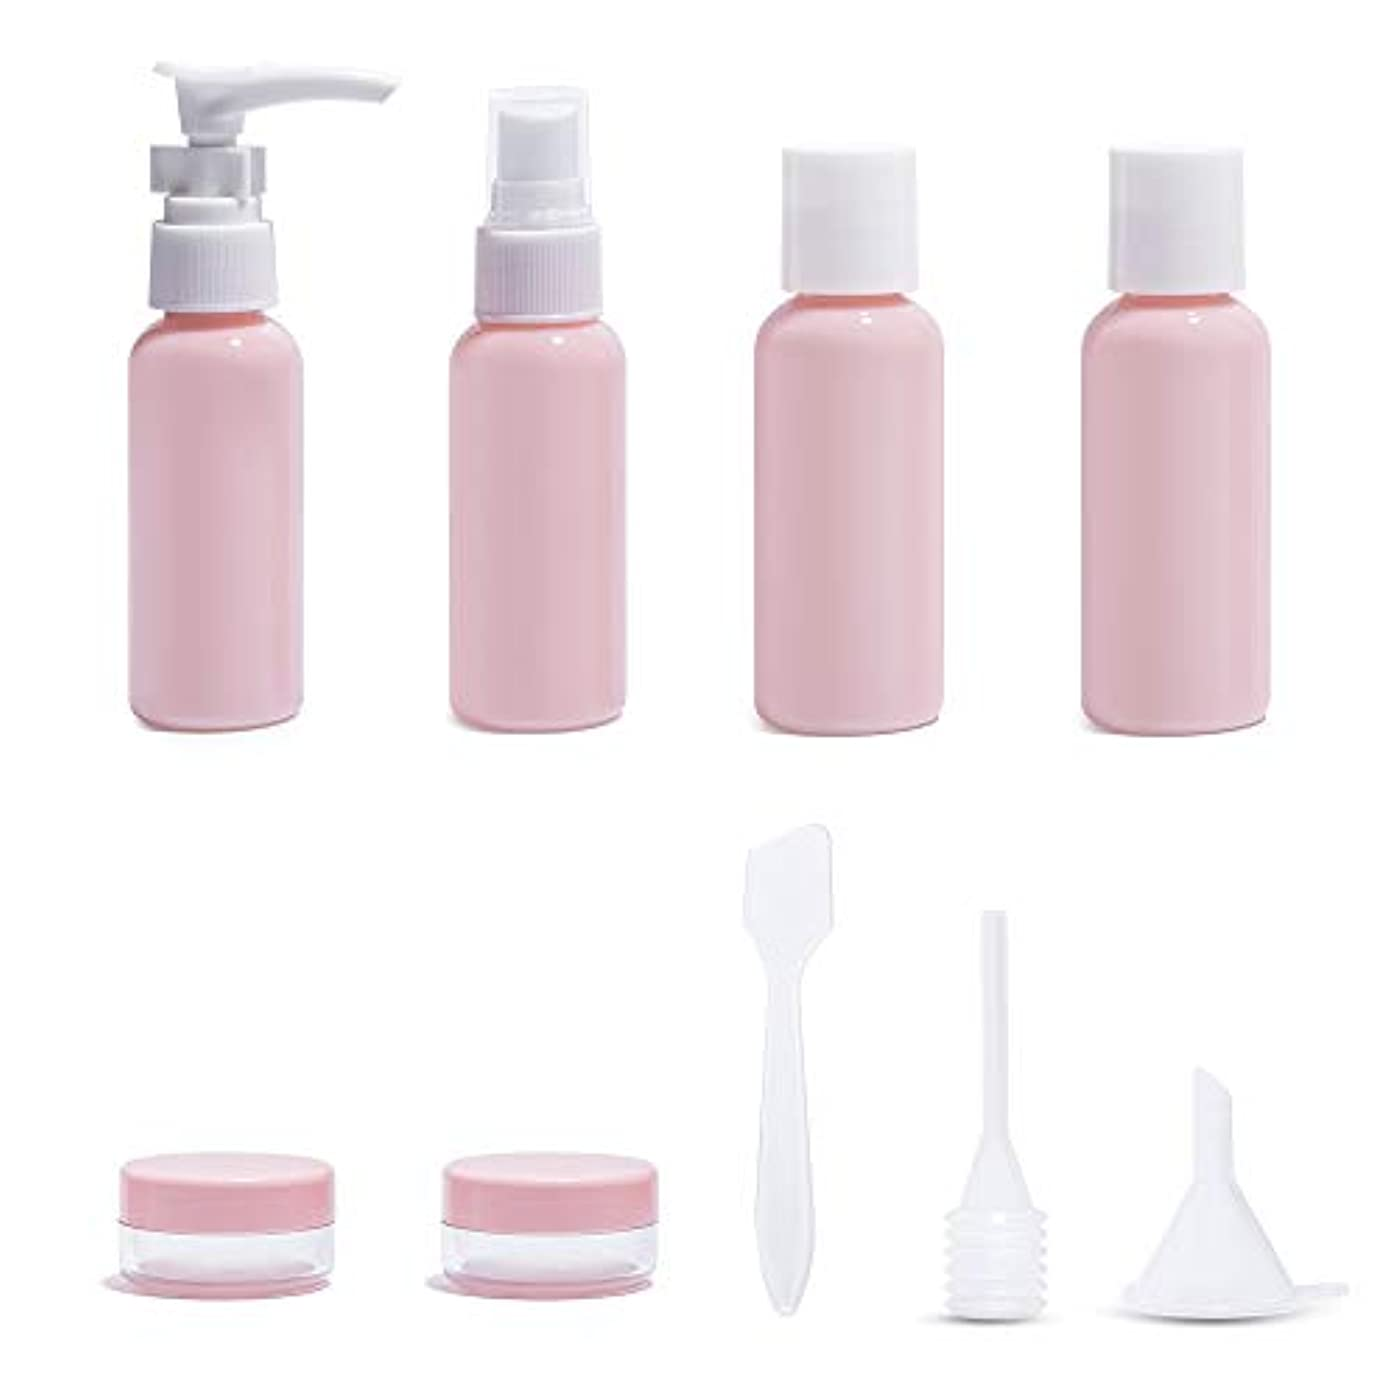 非公式まだ免疫Diolan トラベルボトル 小分けボトル コスメ用詰替え容器 6本セット ピンク 旅行 出張